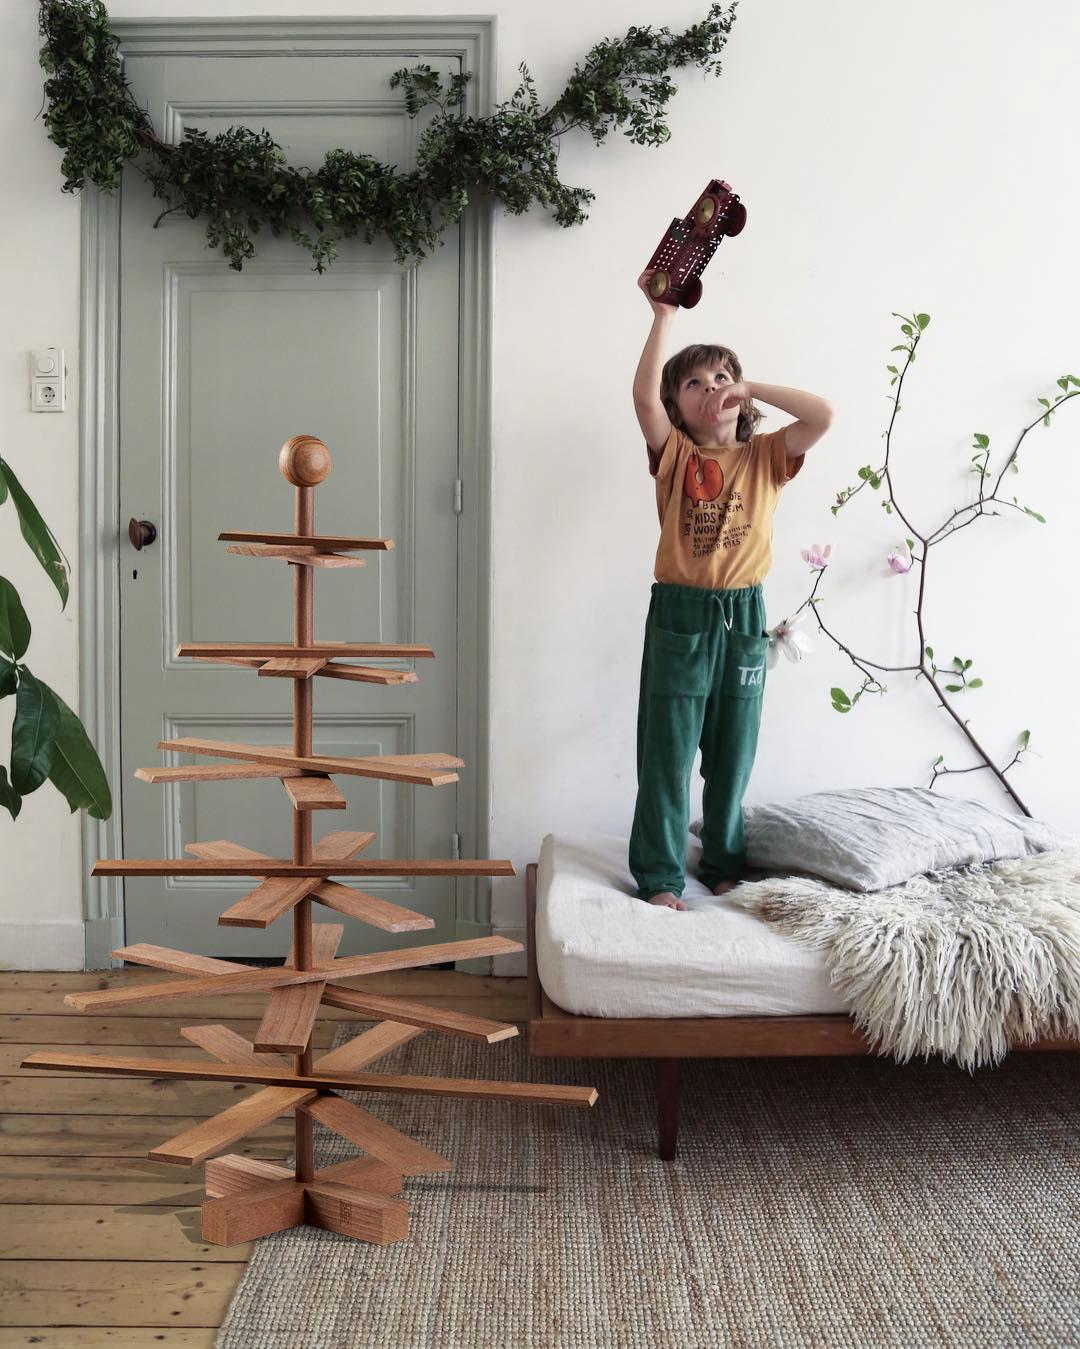 Alternativen zum Weihnachtsbaum